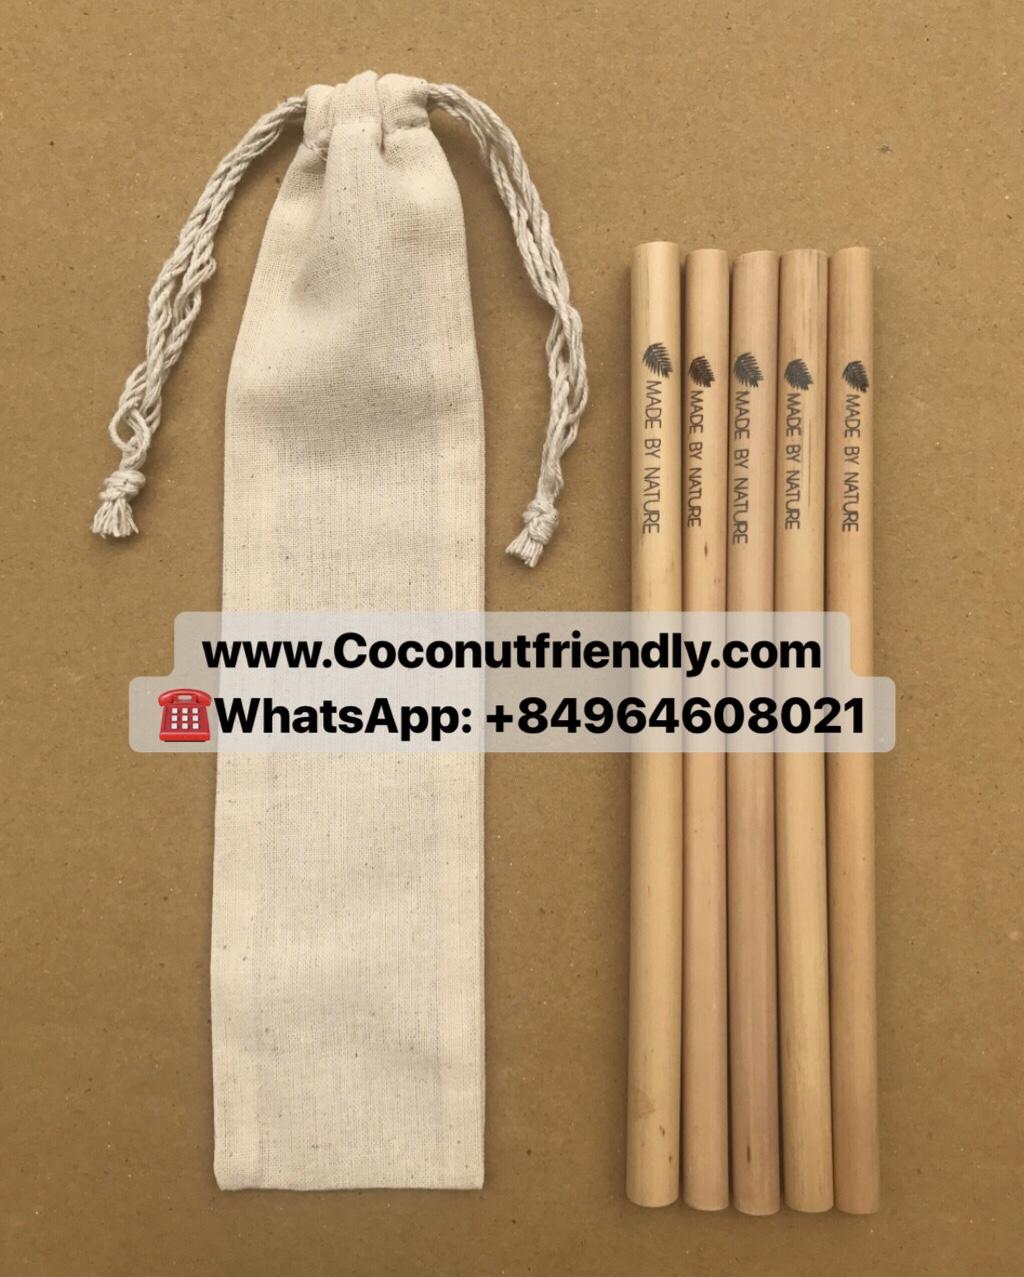 20cm bamboo straws biobased edible straws 100% natural bamboo drinking straws